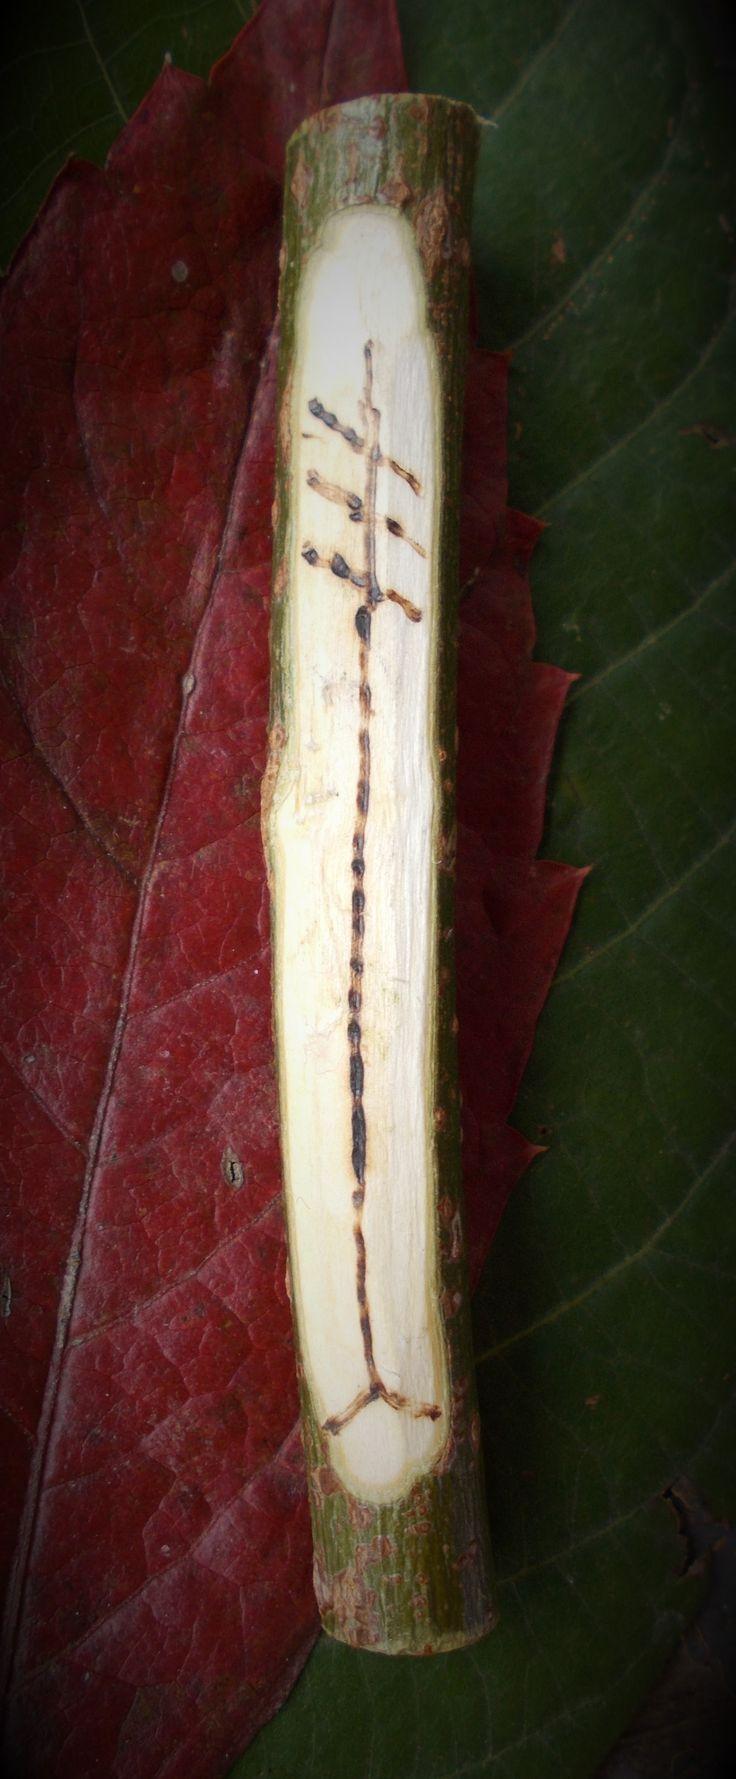 Brigid...Tűz és Víz...kovácsok, költők és gyógyítók... útravaló kelta tanfolyamra készülve , az Aquincum Múzeumban, Óbudán, 2017.október 28.-án A nád jelét kaptam, mely se nem fa, se bokor. Brigid-Briad-Brigantia, a soknevű kelta Istennőhöz kötődik,akit a kelta törzsek mindegyike tisztelt. Ő volt a kovácsok,a költők,és a gyógyítók védelme…